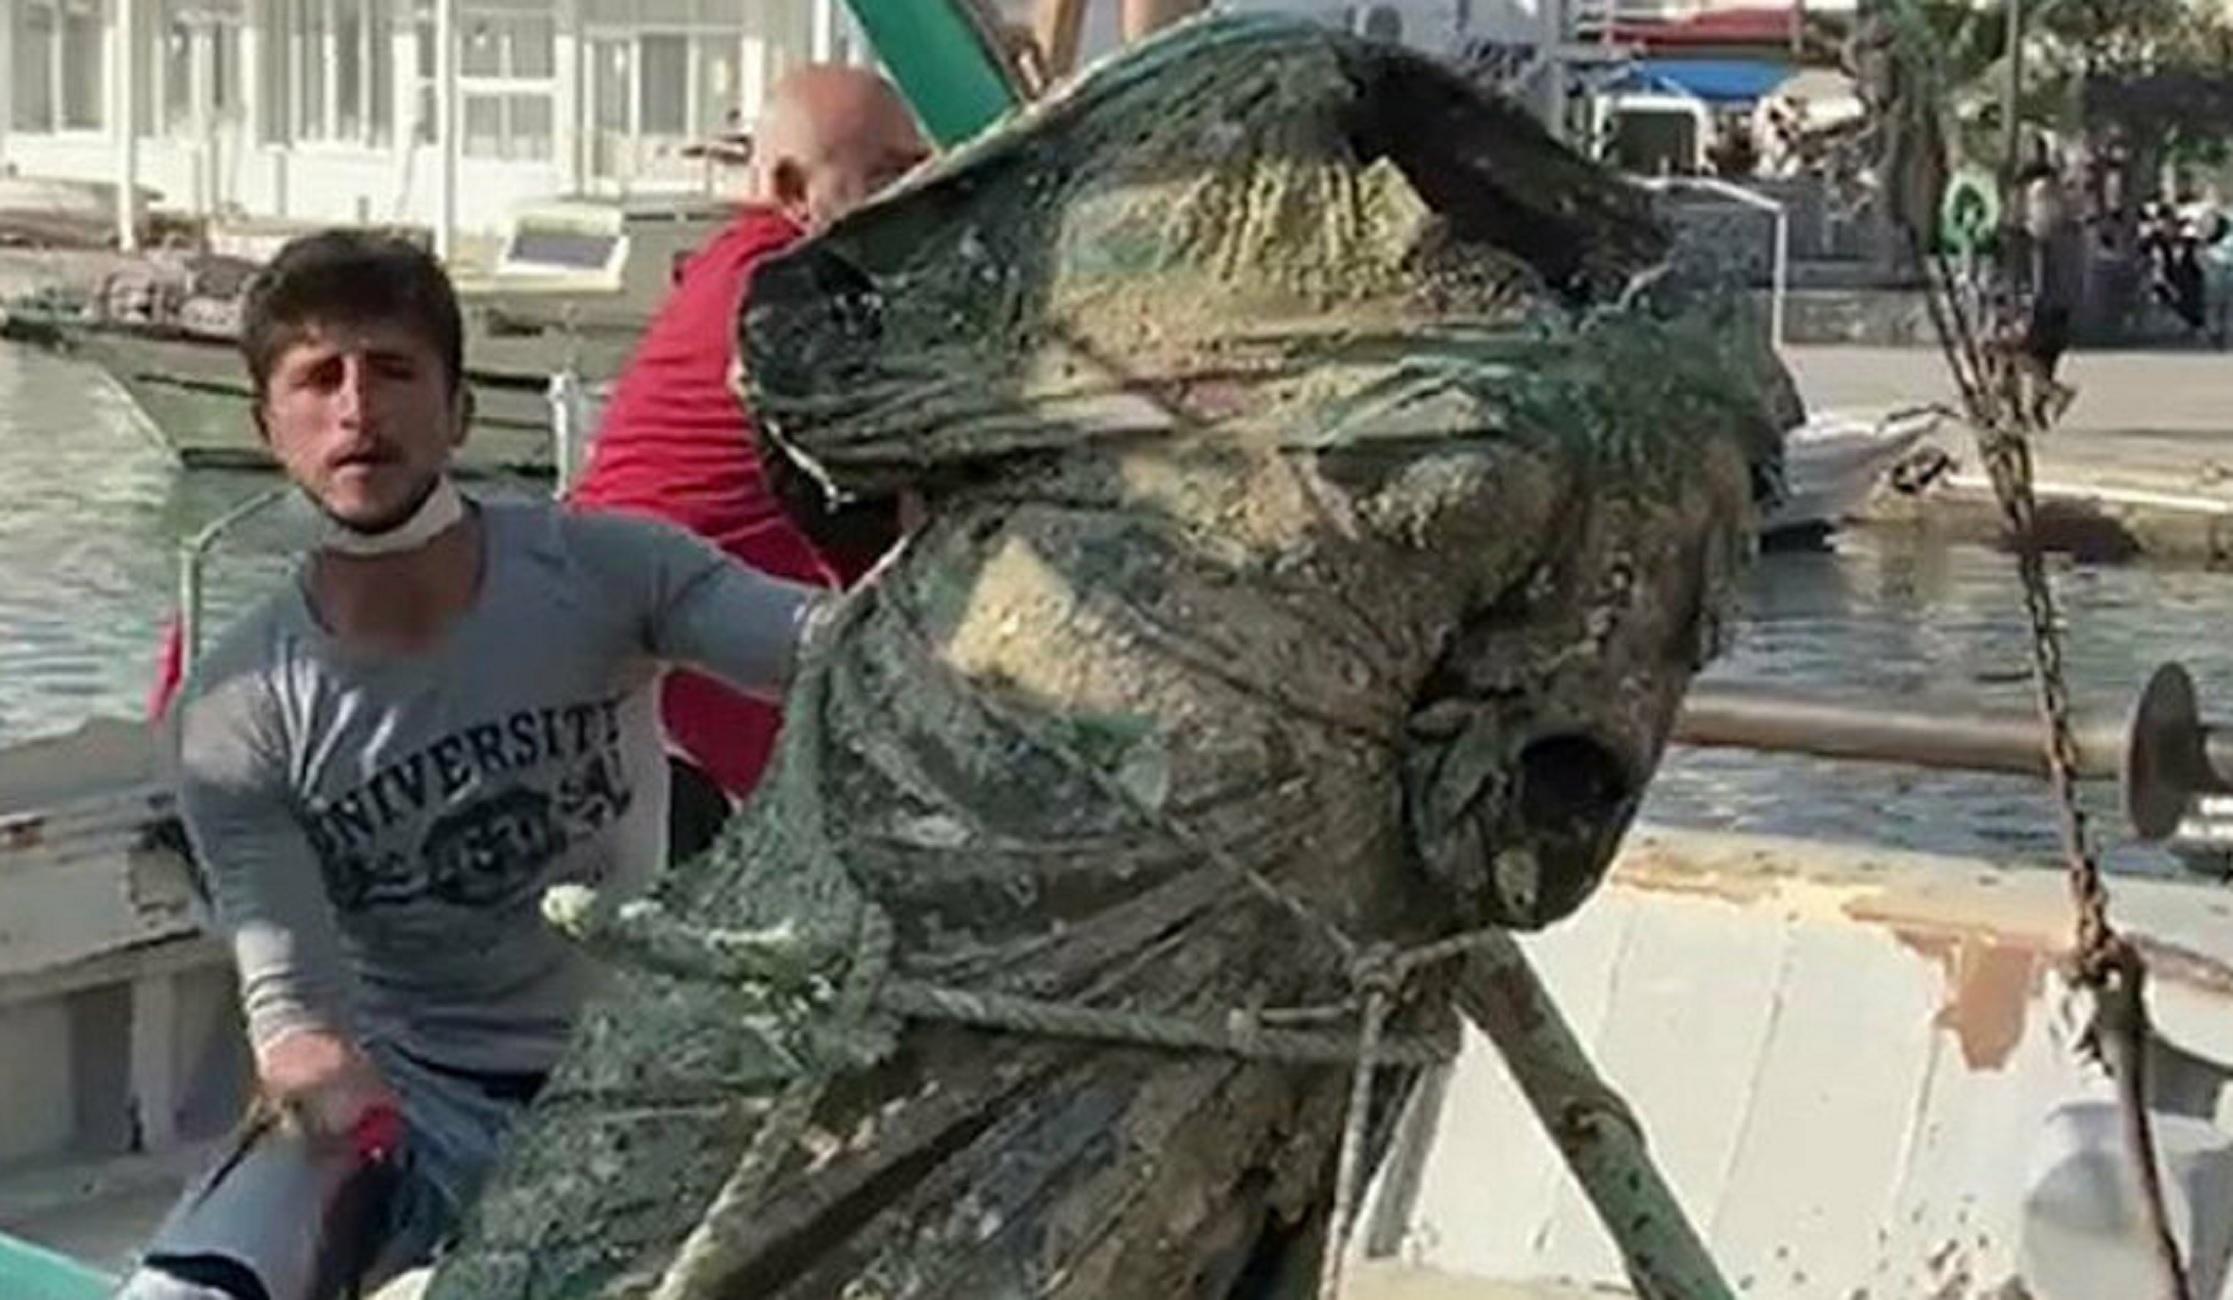 Αιγαίο: Τούρκοι ψαράδες έμειναν άφωνοι μόλις σήκωσαν τα δίχτυα! Το εκπληκτικό χάλκινο άγαλμα ανοιχτά της Καλύμνου (Φωτό)